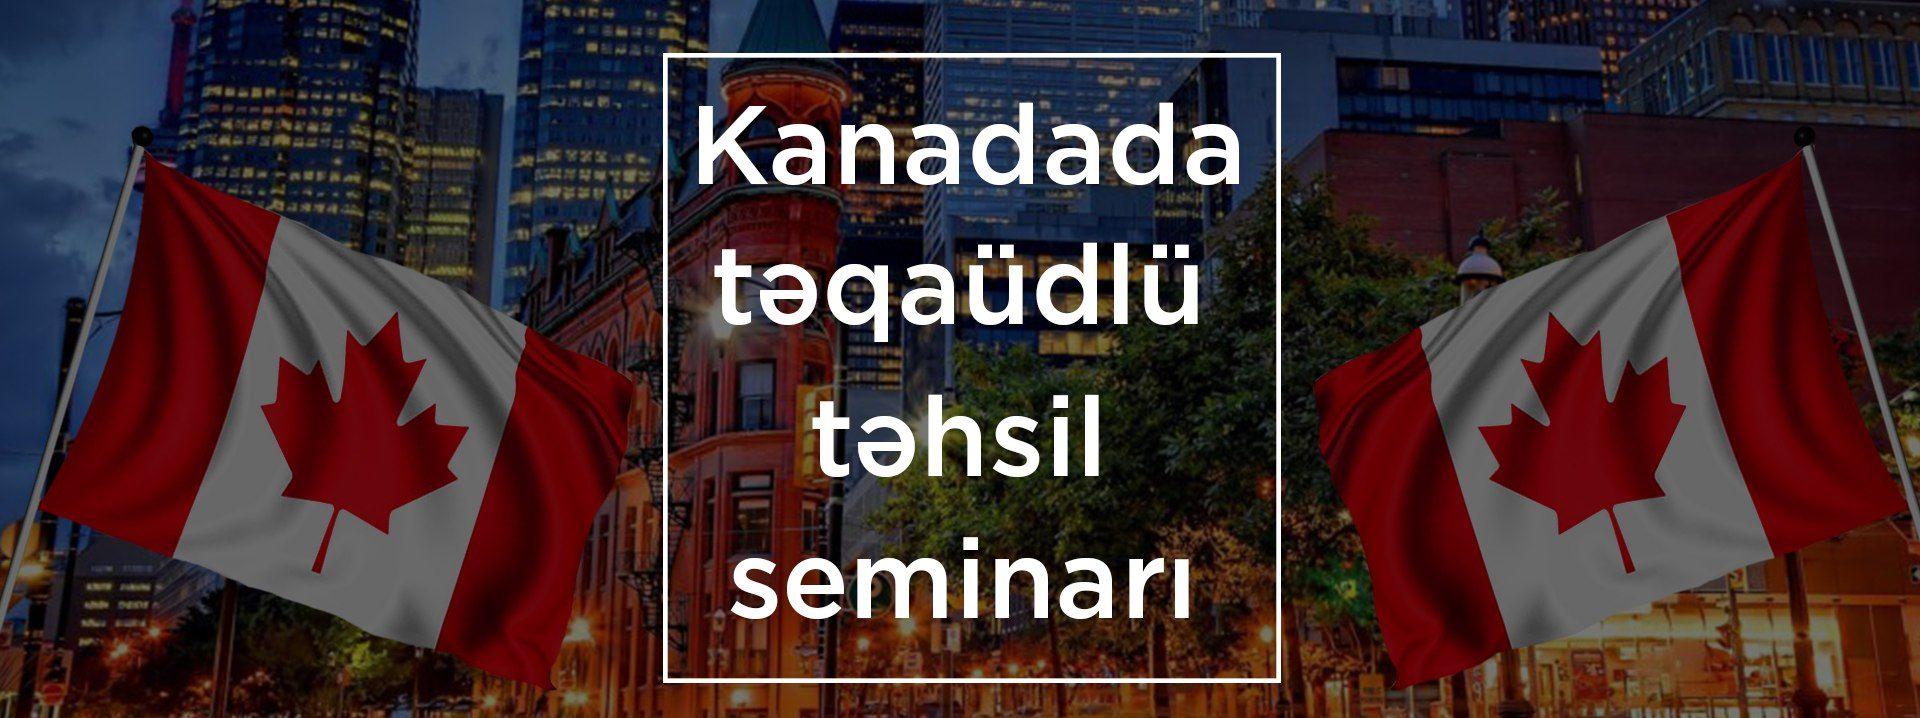 Kanadada Təqaüdlü Təhsil Seminarı